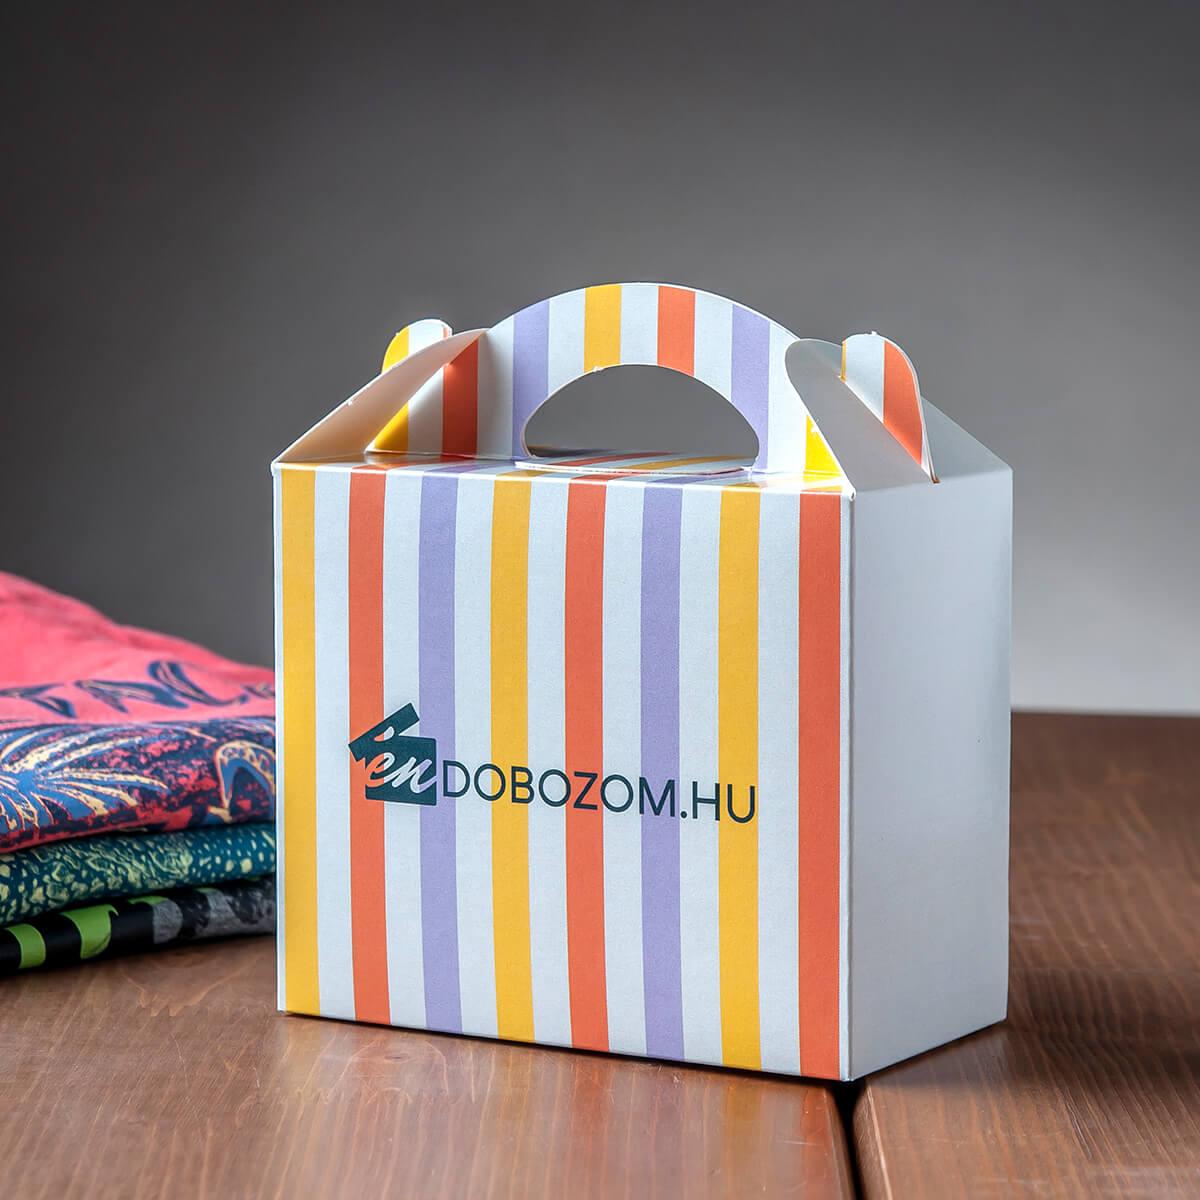 piskótafüles doboz ruházati csomagolásként